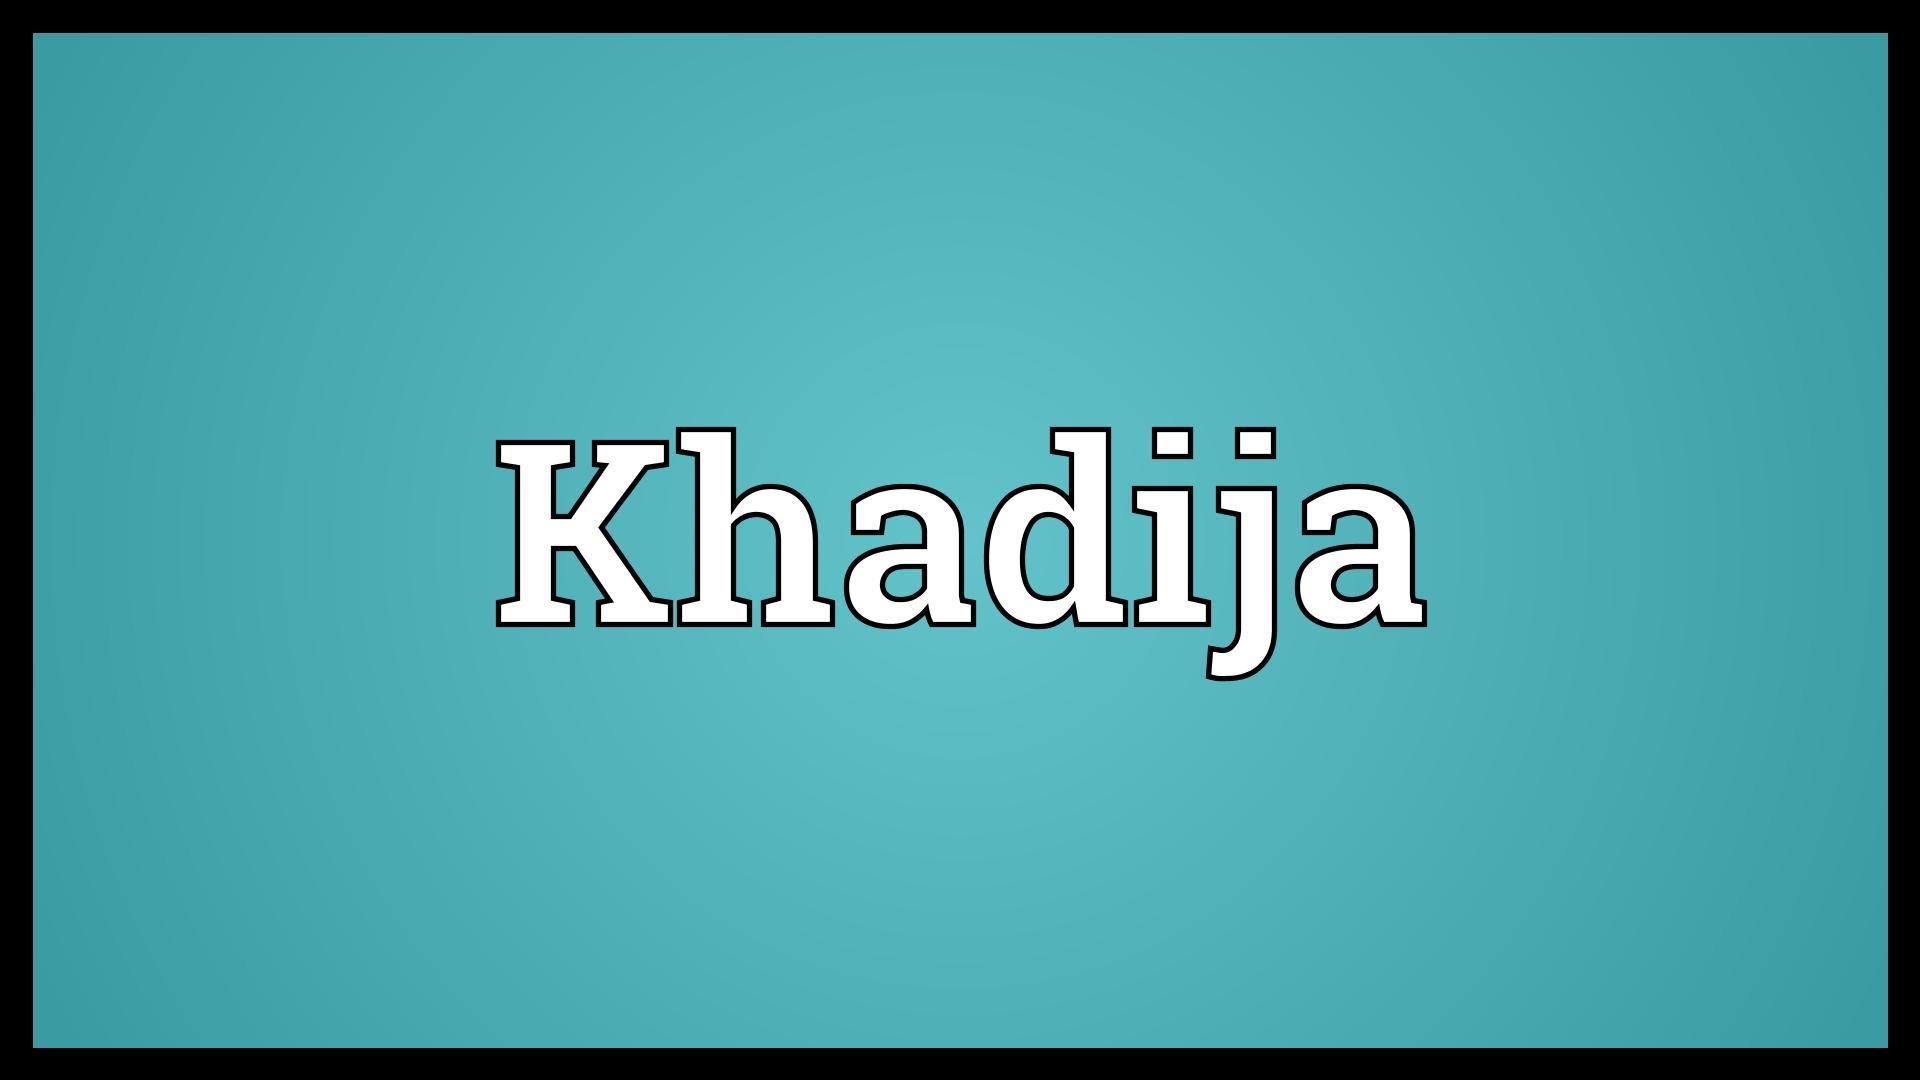 بالصور صور اسم خديجة , صور روعة جدا لاسم خديجة 3512 9